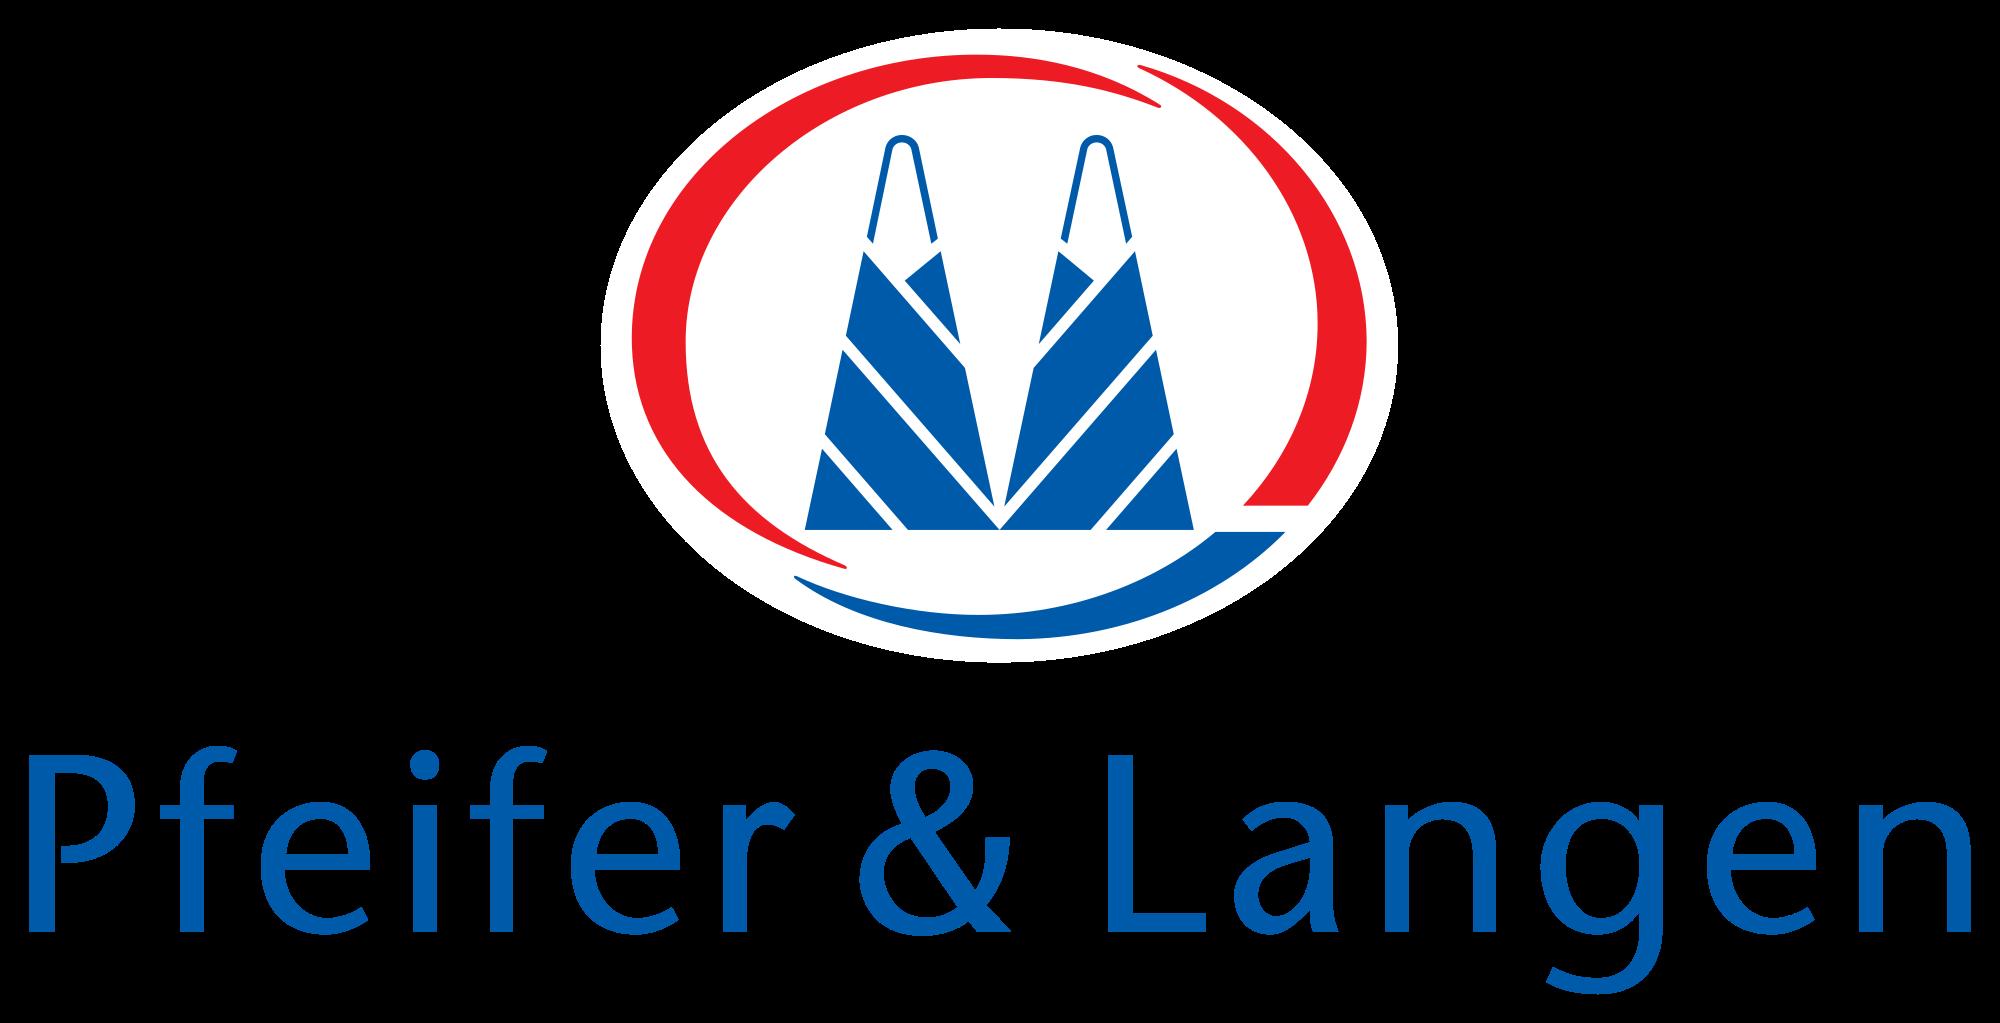 Logo des Unternehmens Pfeifer & Langen